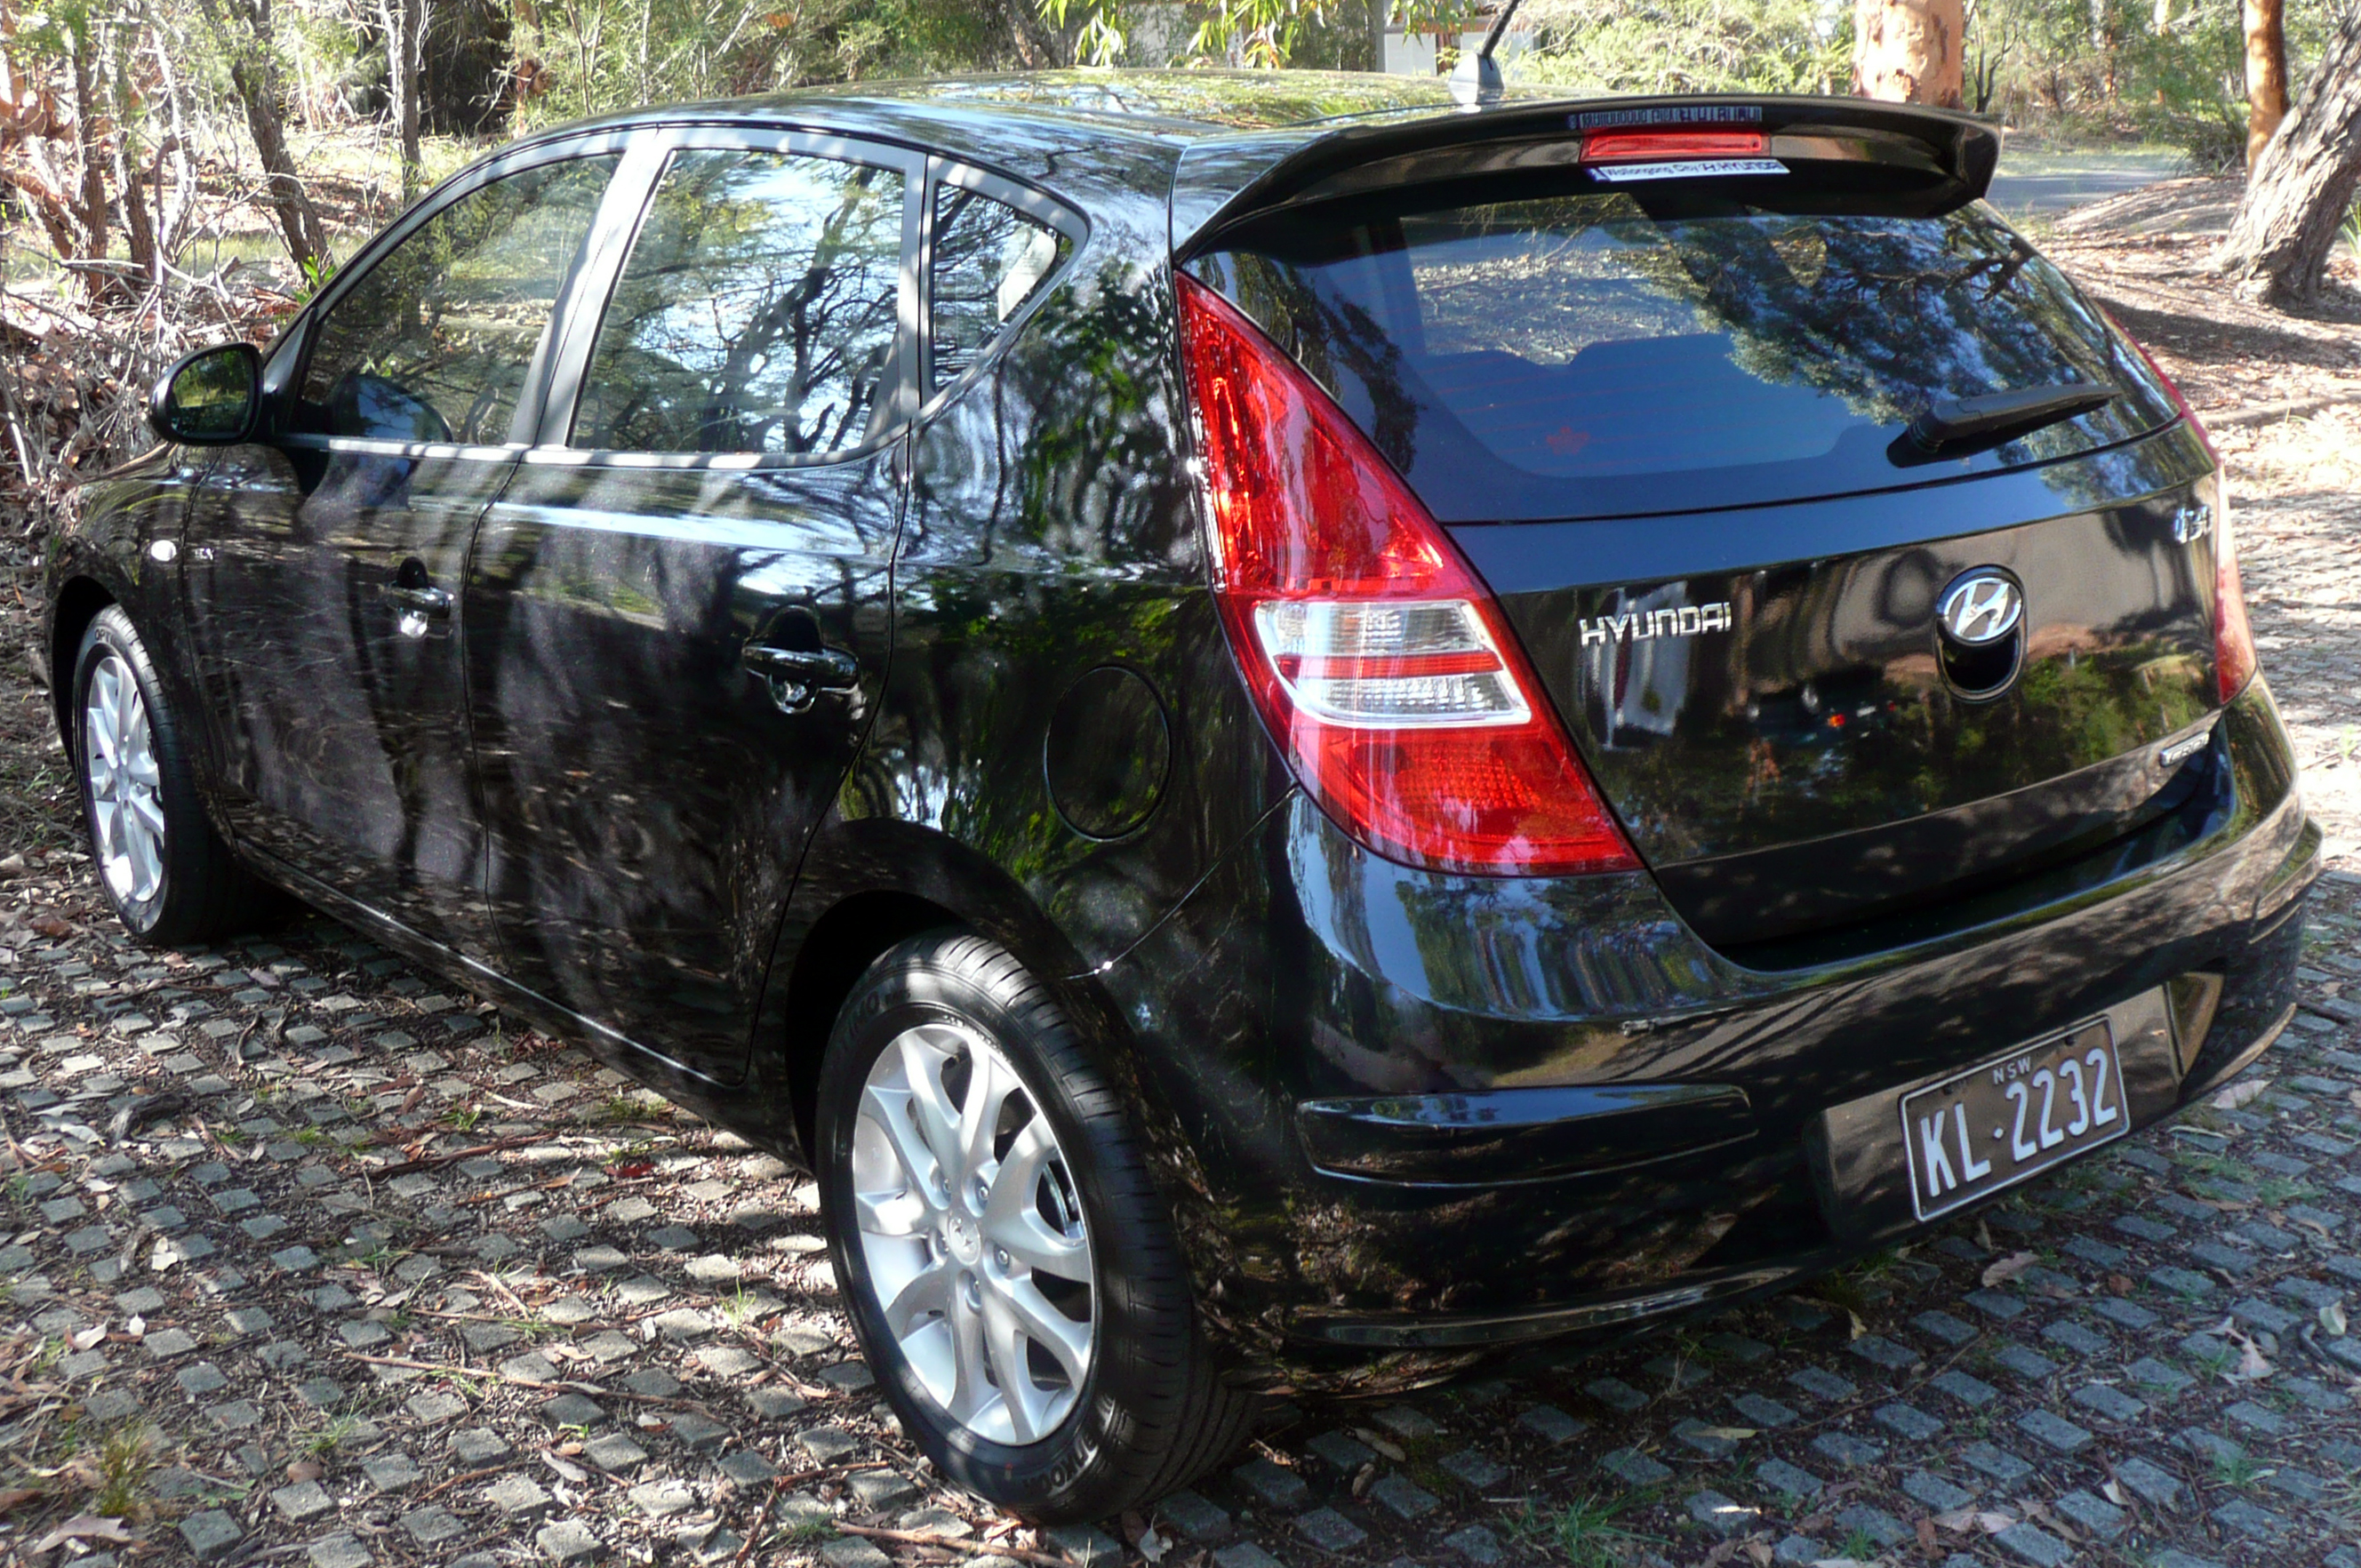 HYUNDAI I30 black